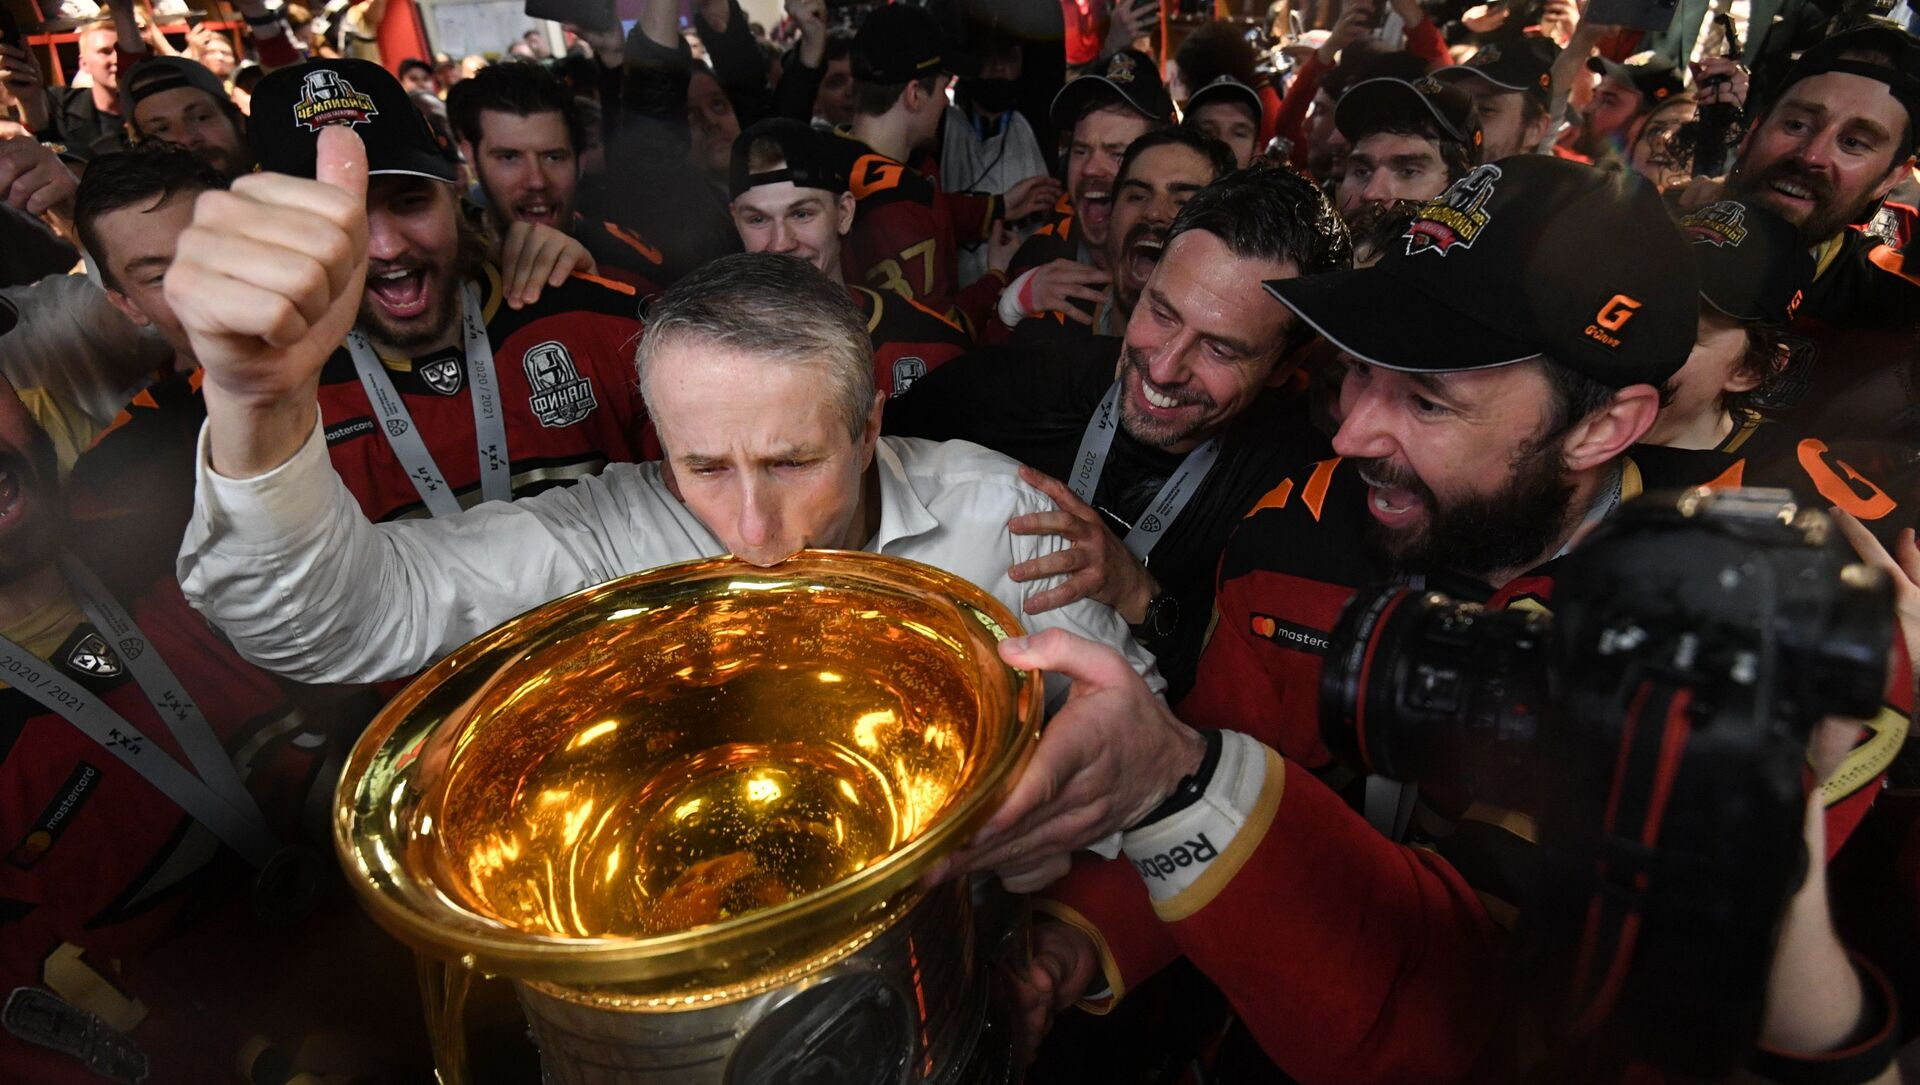 ХК Авангард - победитель Кубка Гагарина - 2021 - Sputnik Латвия, 1920, 29.04.2021